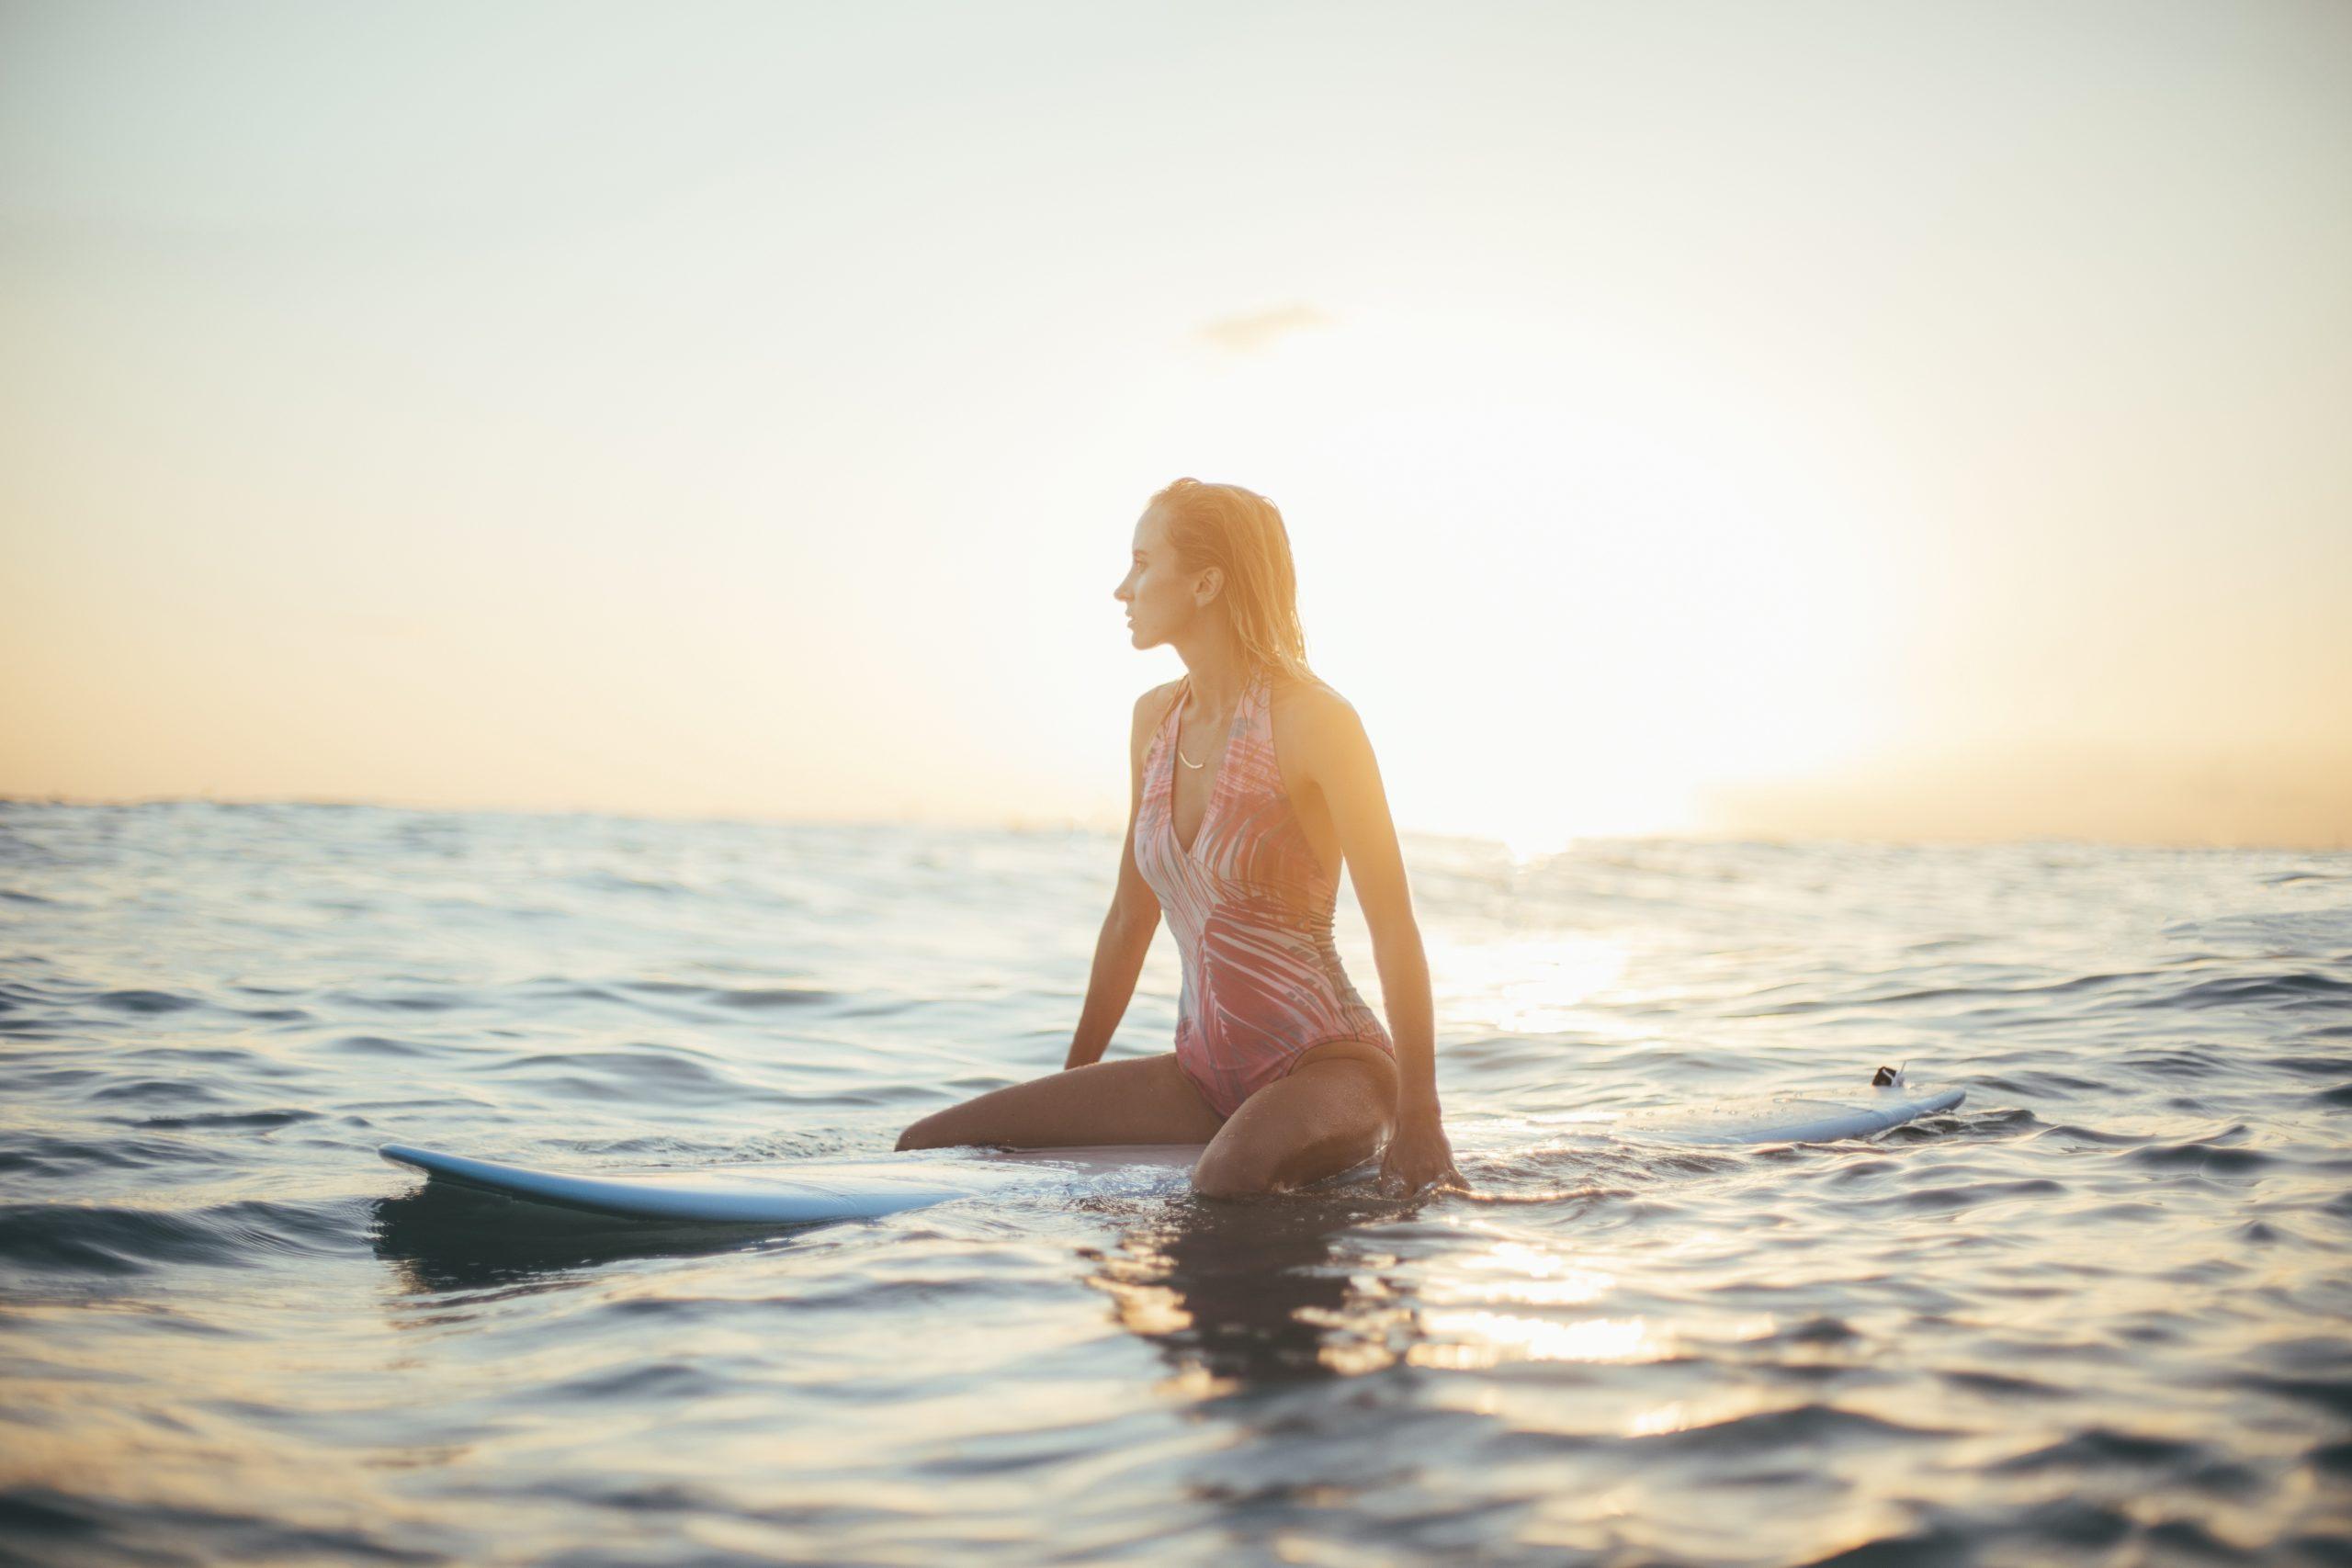 サーフィンの初期費用について[ サーフィン業界を知り尽くした僕が解説します ]